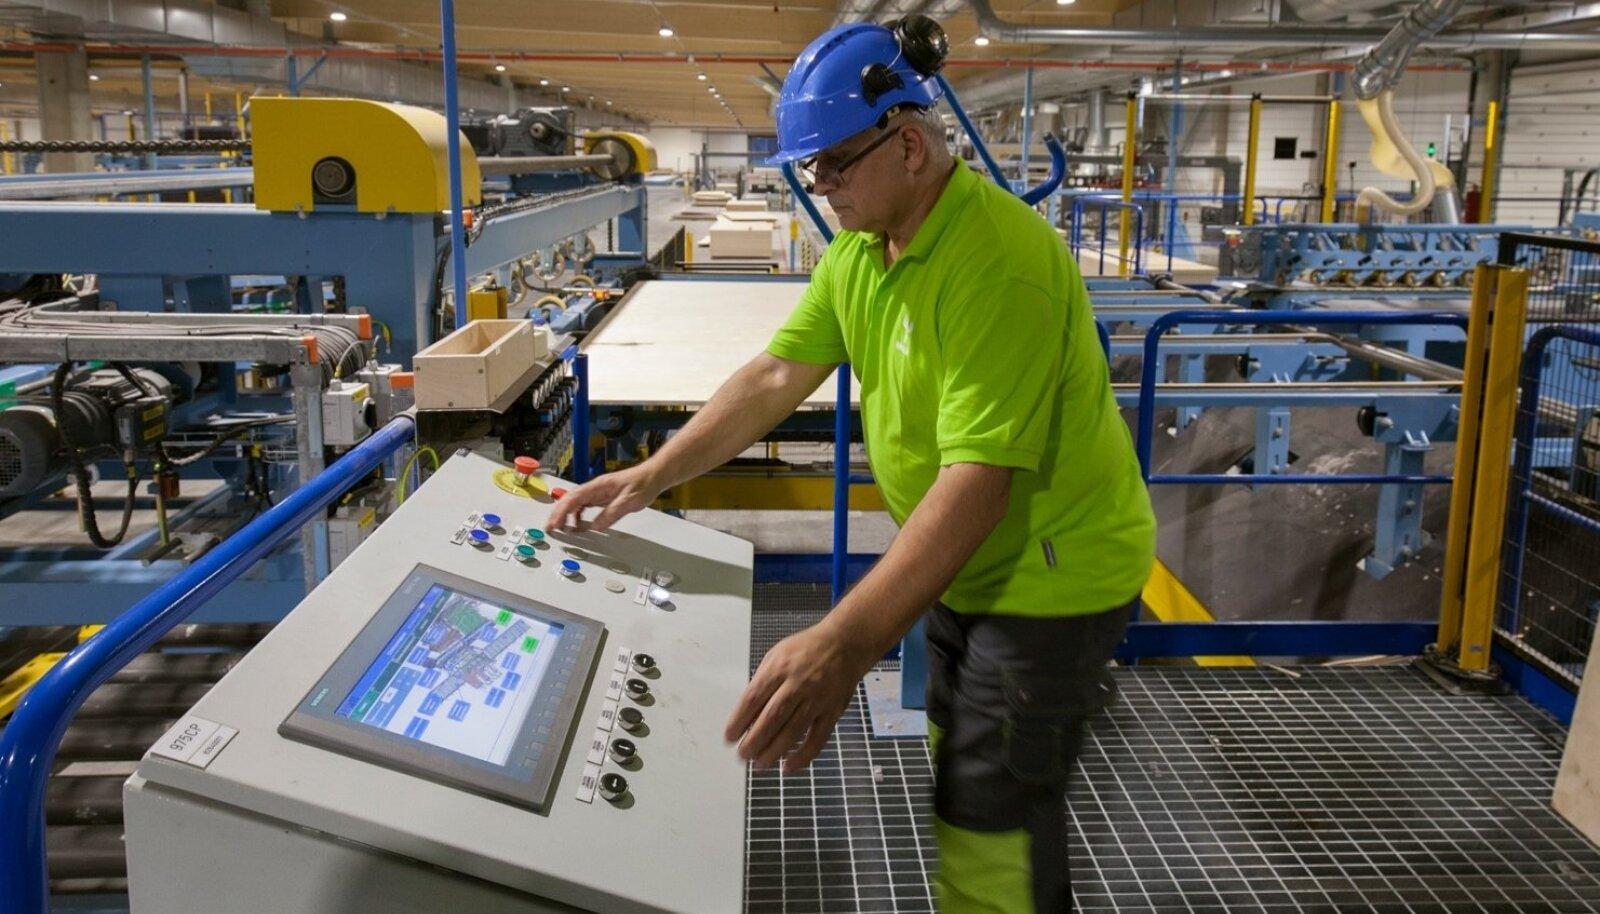 Tehnoloogia võimaldab spooniplaate järgata ning tänu sellele valmistada ühes tükis 13,7 meetri pikkuse ja 2,7 meetri laiuse vineerplaadi,